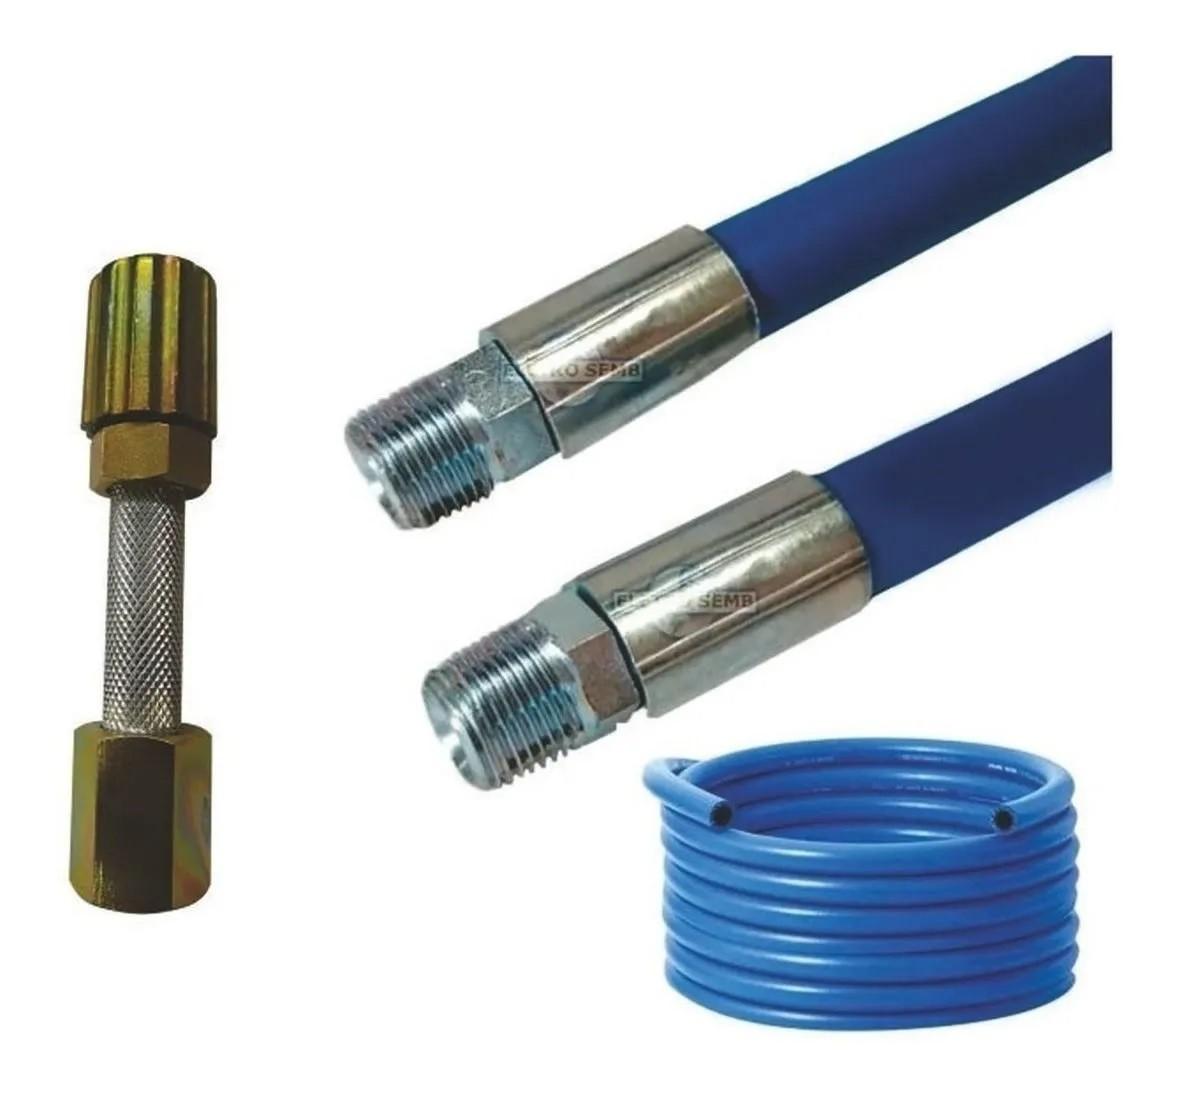 Mangueira Lava Rápido Jato Car Azul Lavadora Alta Pressão 40m Conexão 1/2 Prensado Com Esguicho Metal 3,2mm